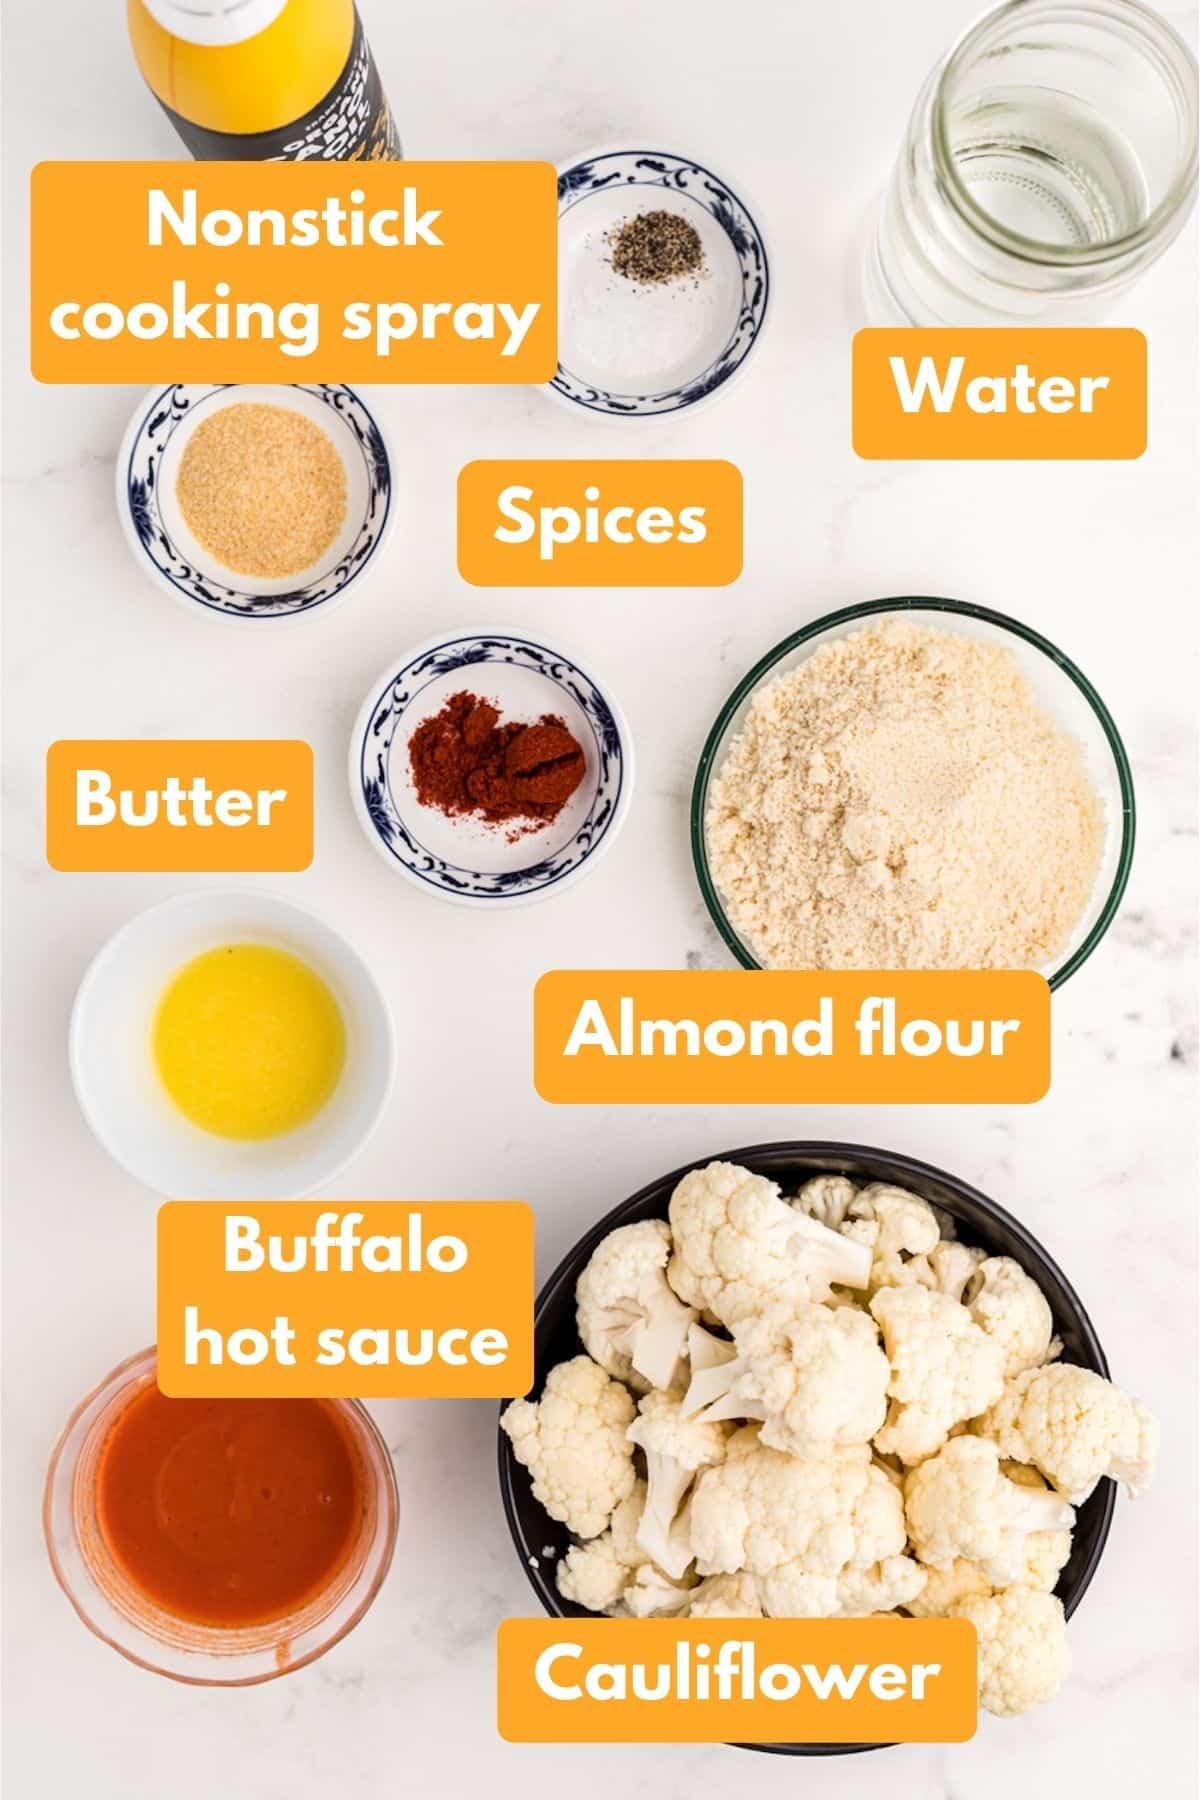 ingredients for cauliflower wings